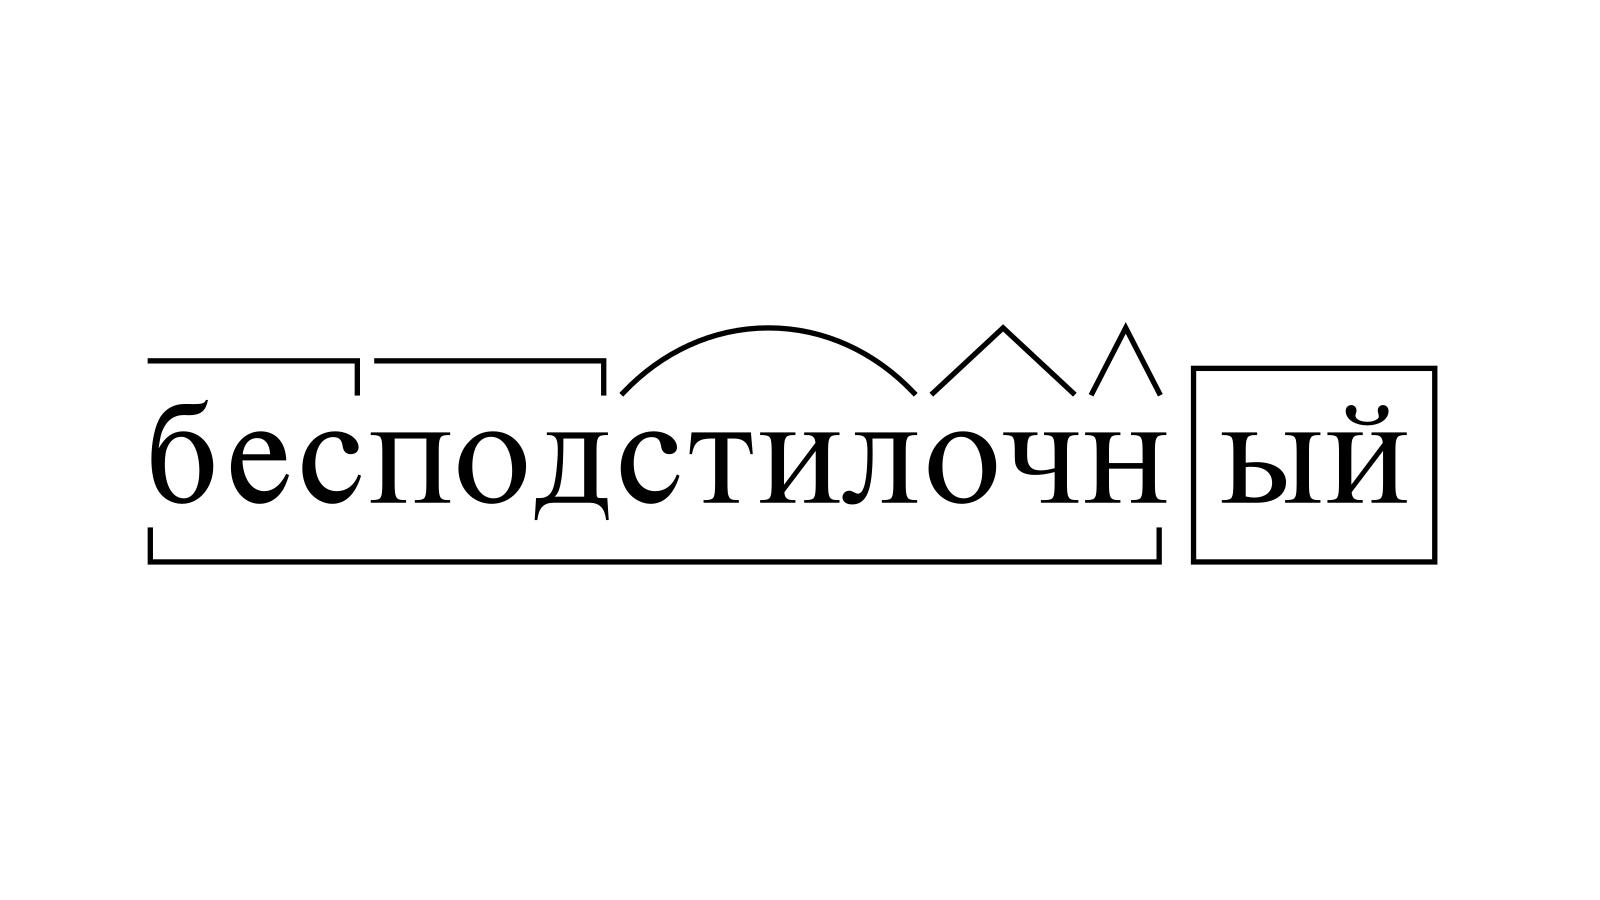 Разбор слова «бесподстилочный» по составу